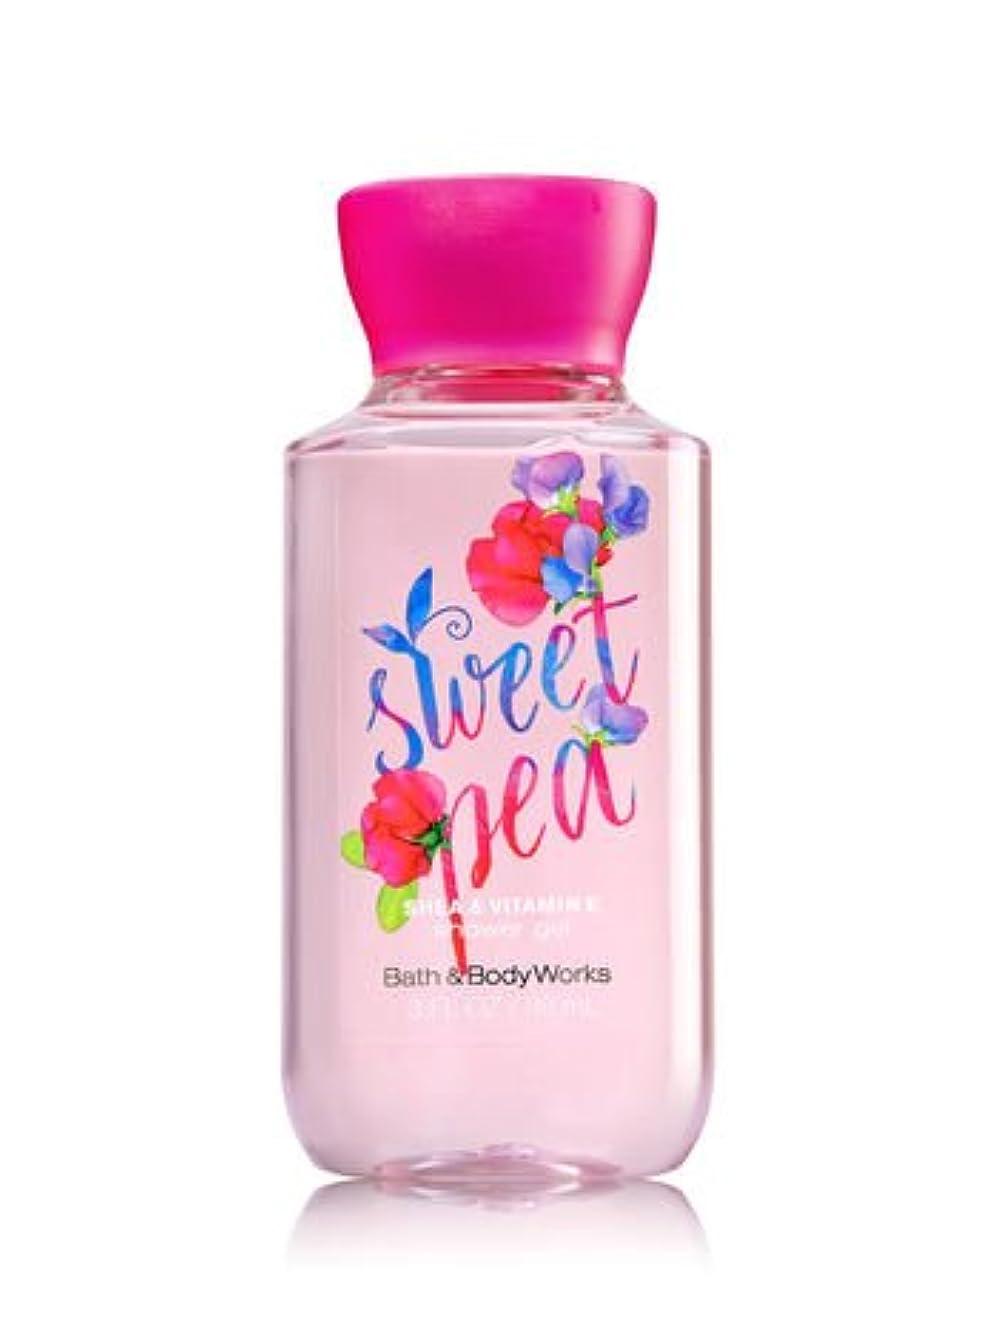 霧ペットもろいバス&ボディワークス スイトピーシャワージェル トラベルサイズ Sweet pea shower gel Travel-Size [並行輸入品]